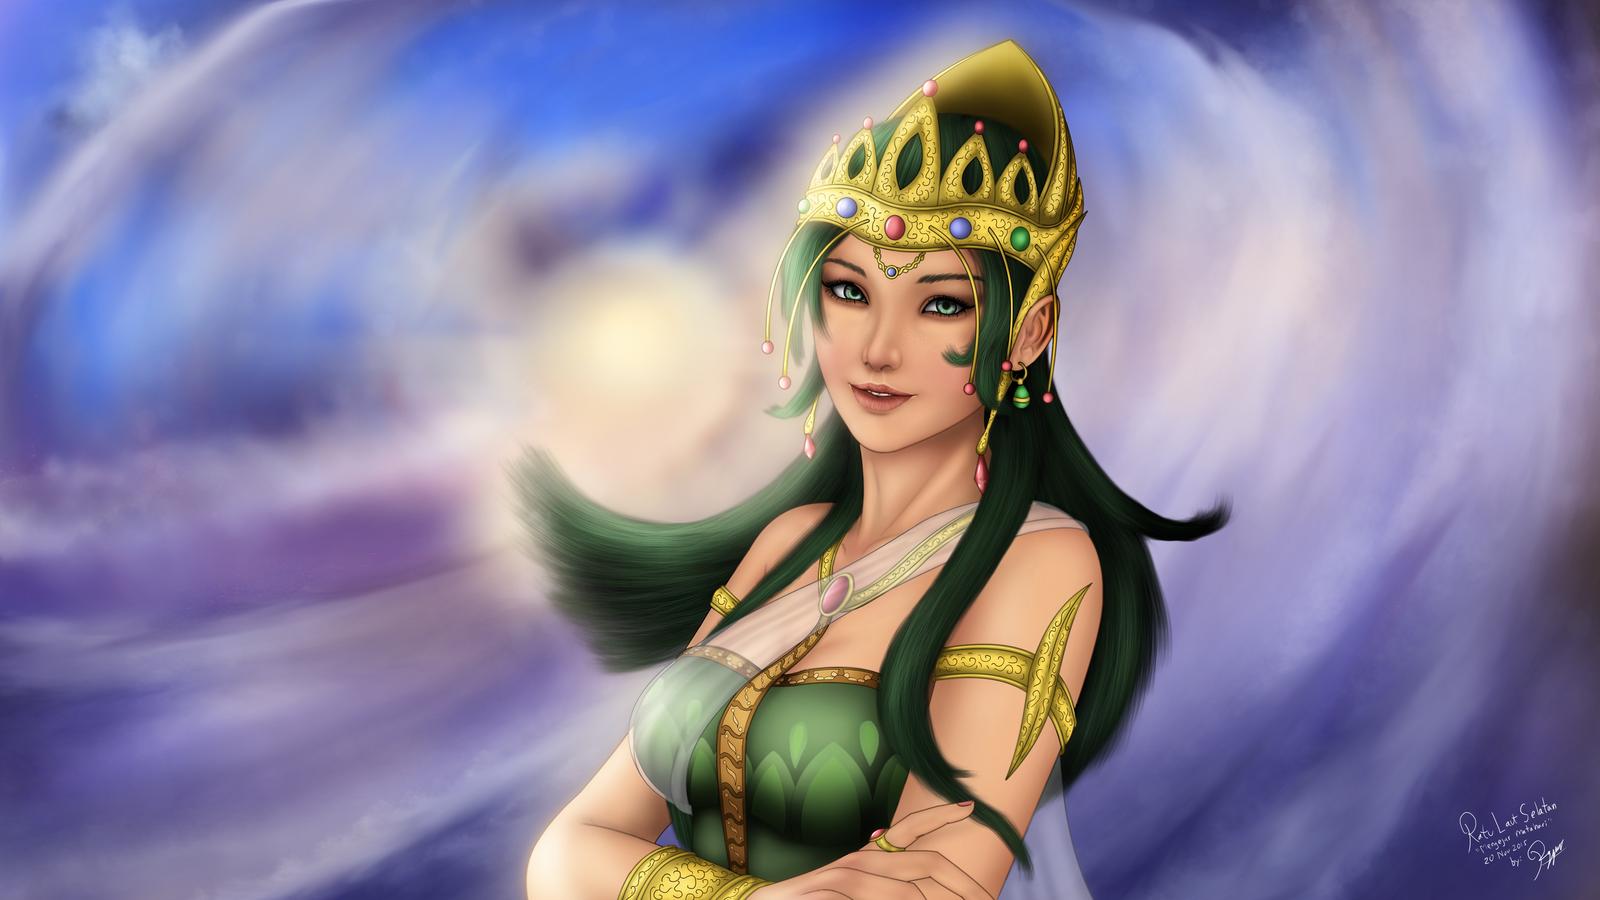 Ratu Laut Selatan 20Nov2015 (The South Sea Queen) by ronggo